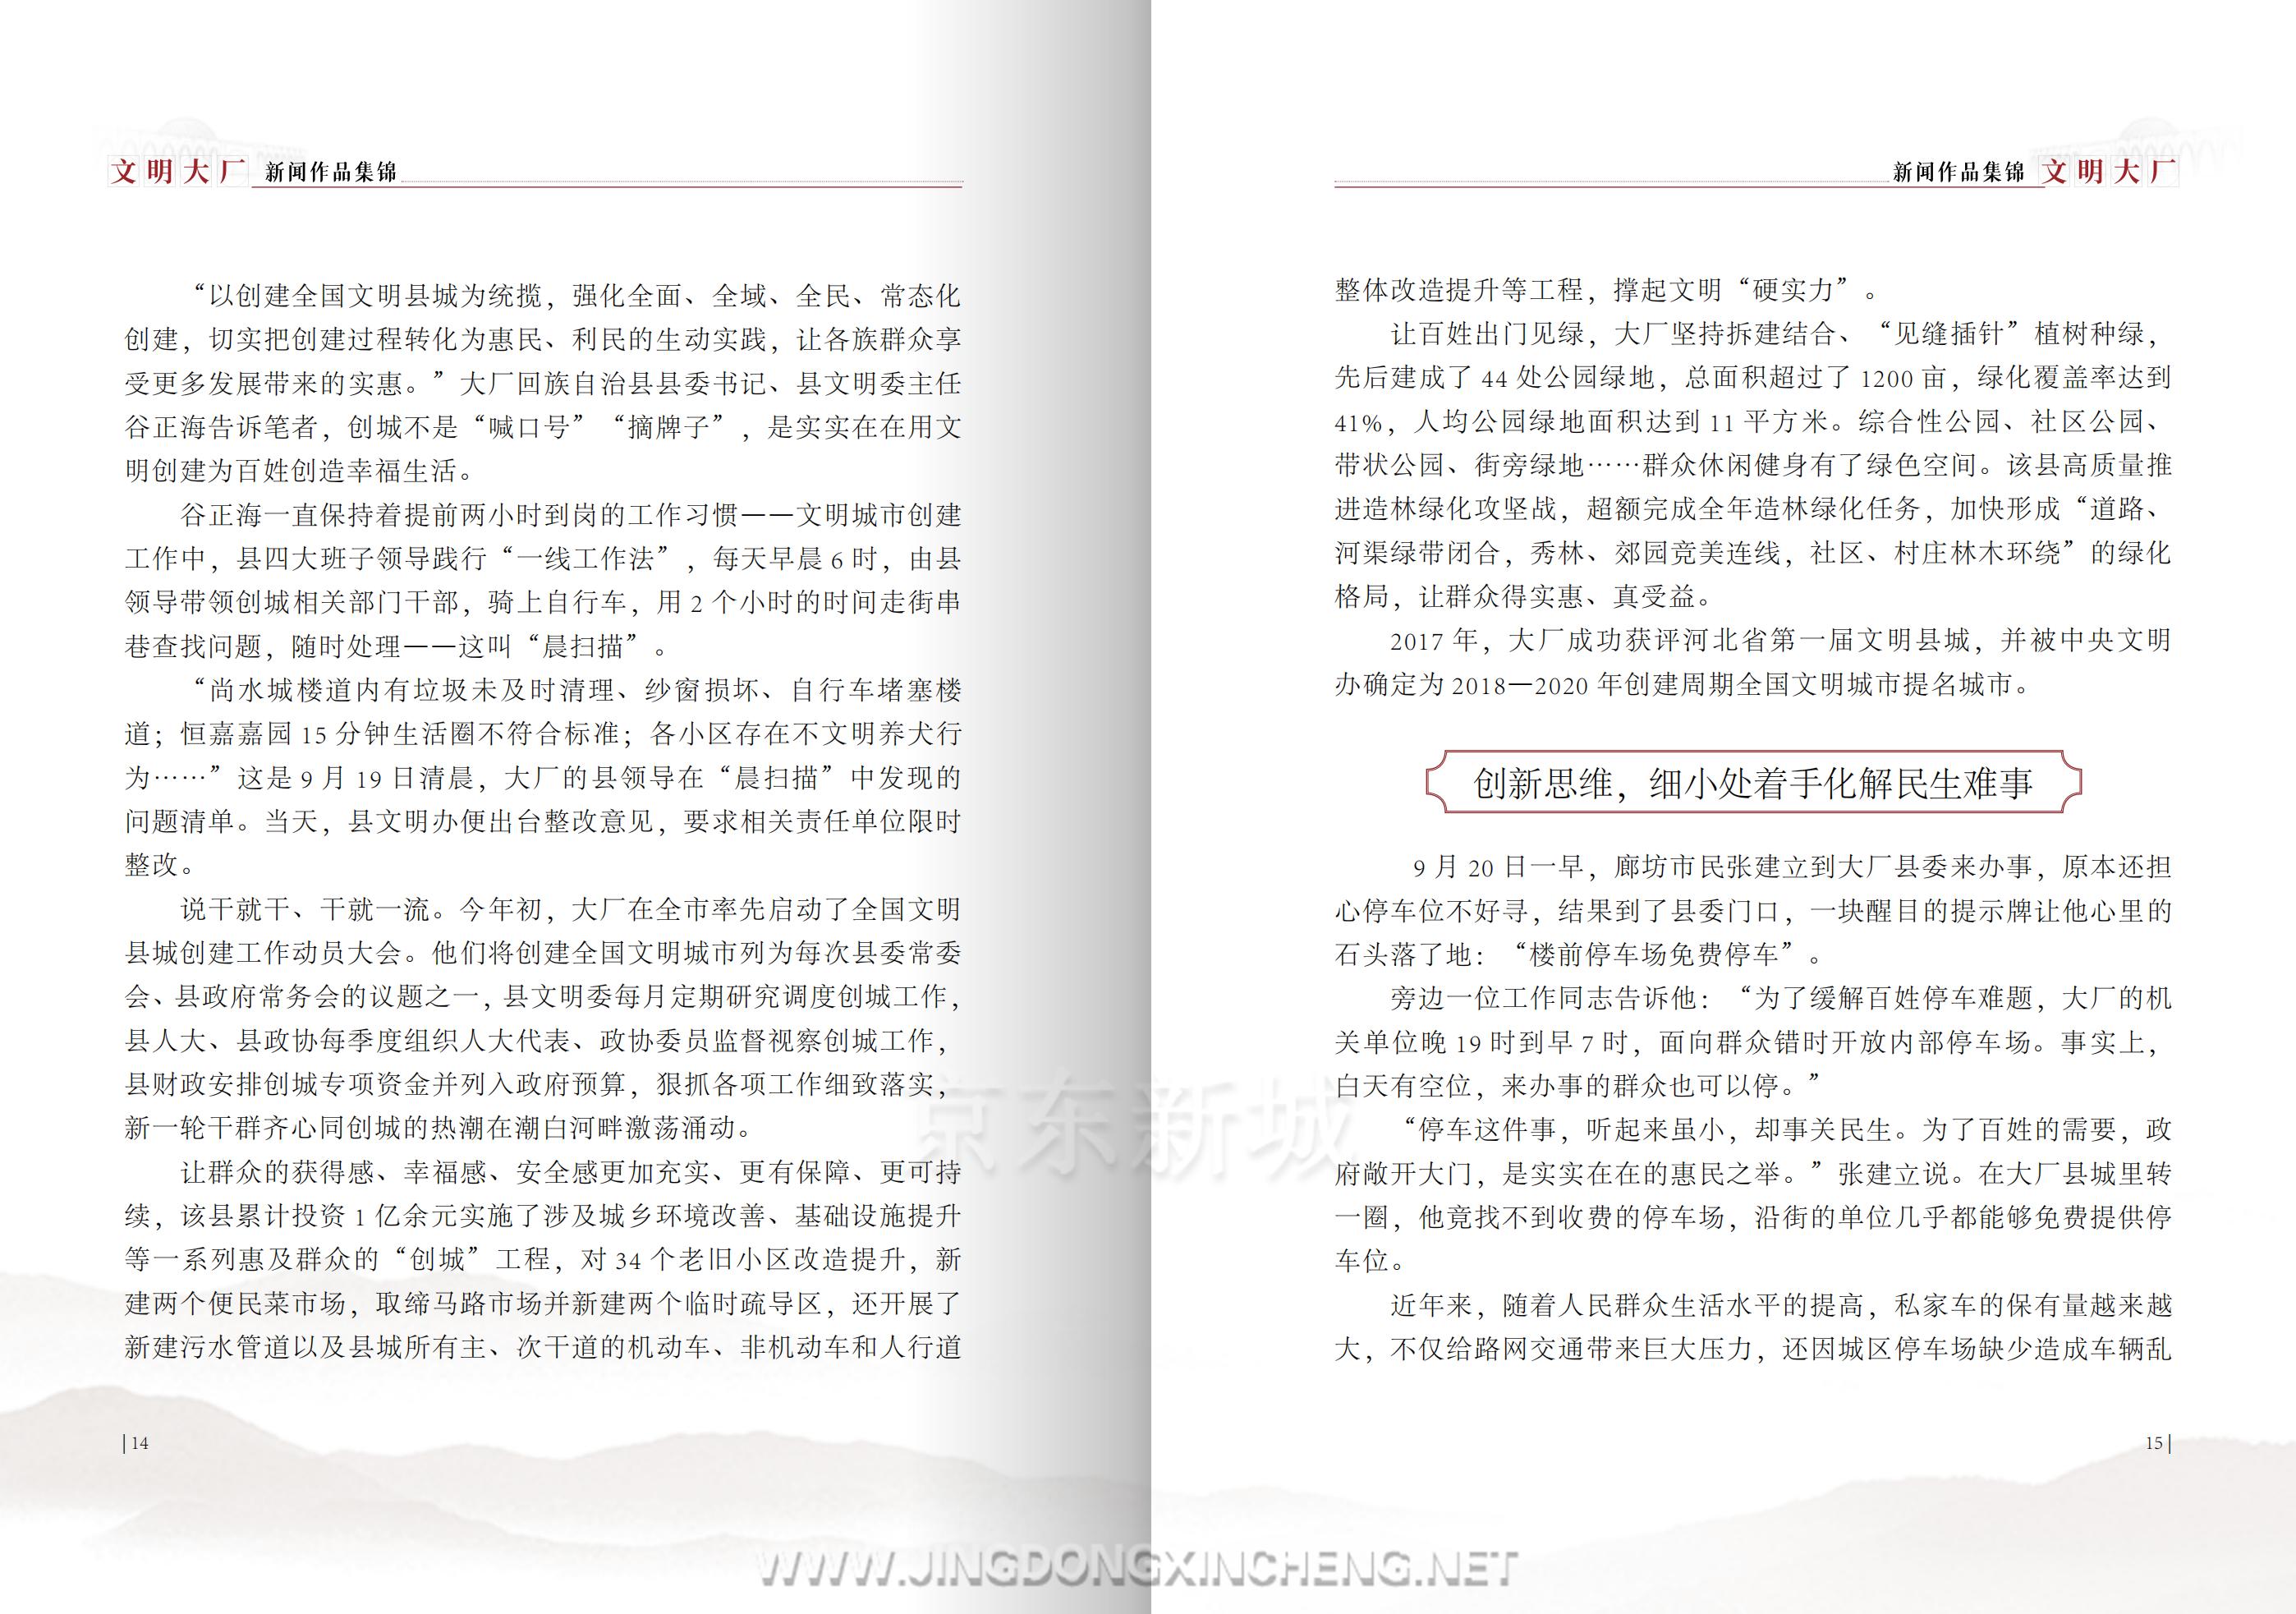 文明大厂书籍-定稿-上传版_11.png